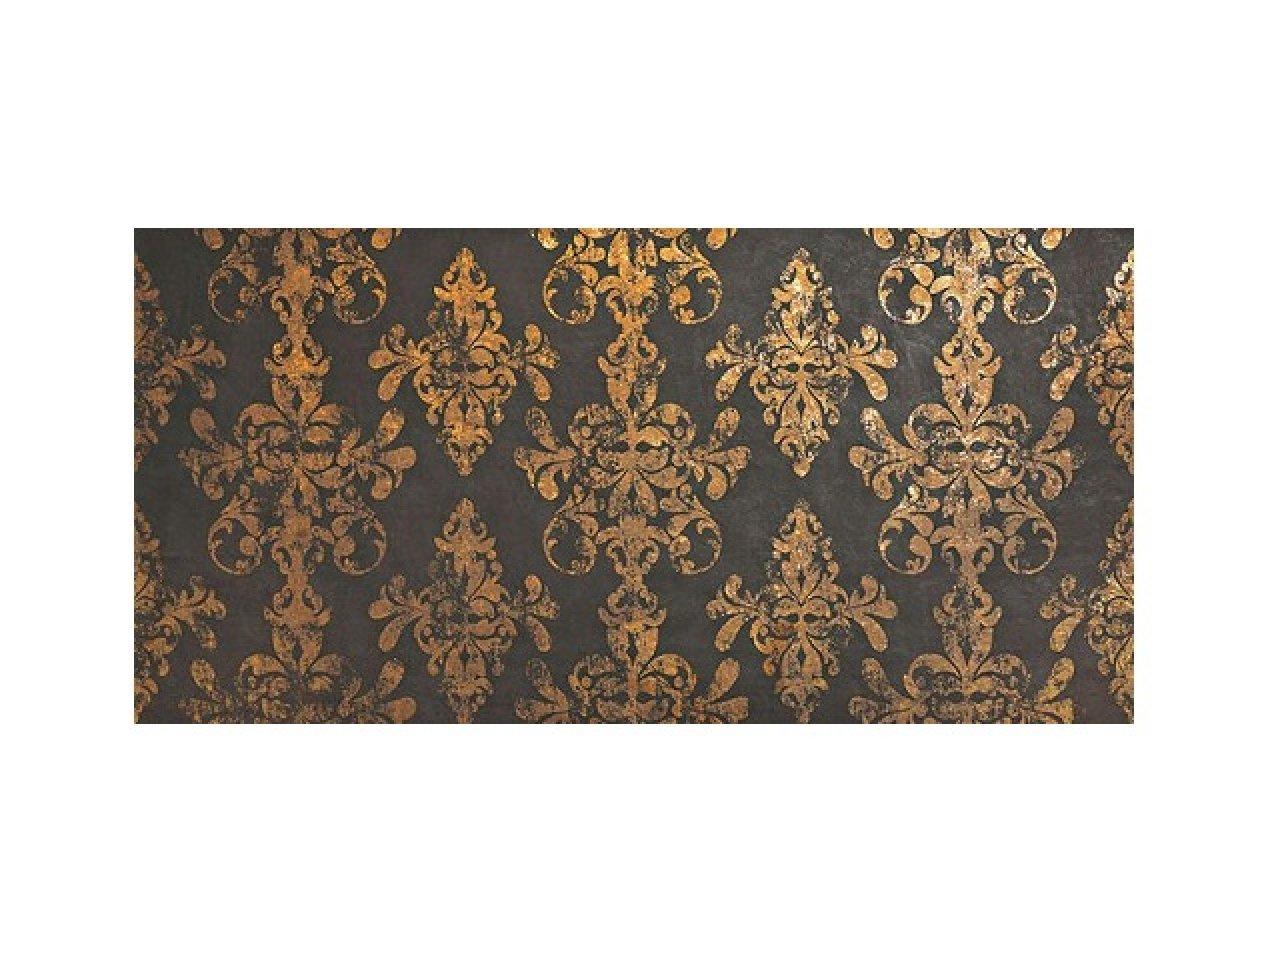 Настенная плитка Ewall Moka Gold Damask 40x80